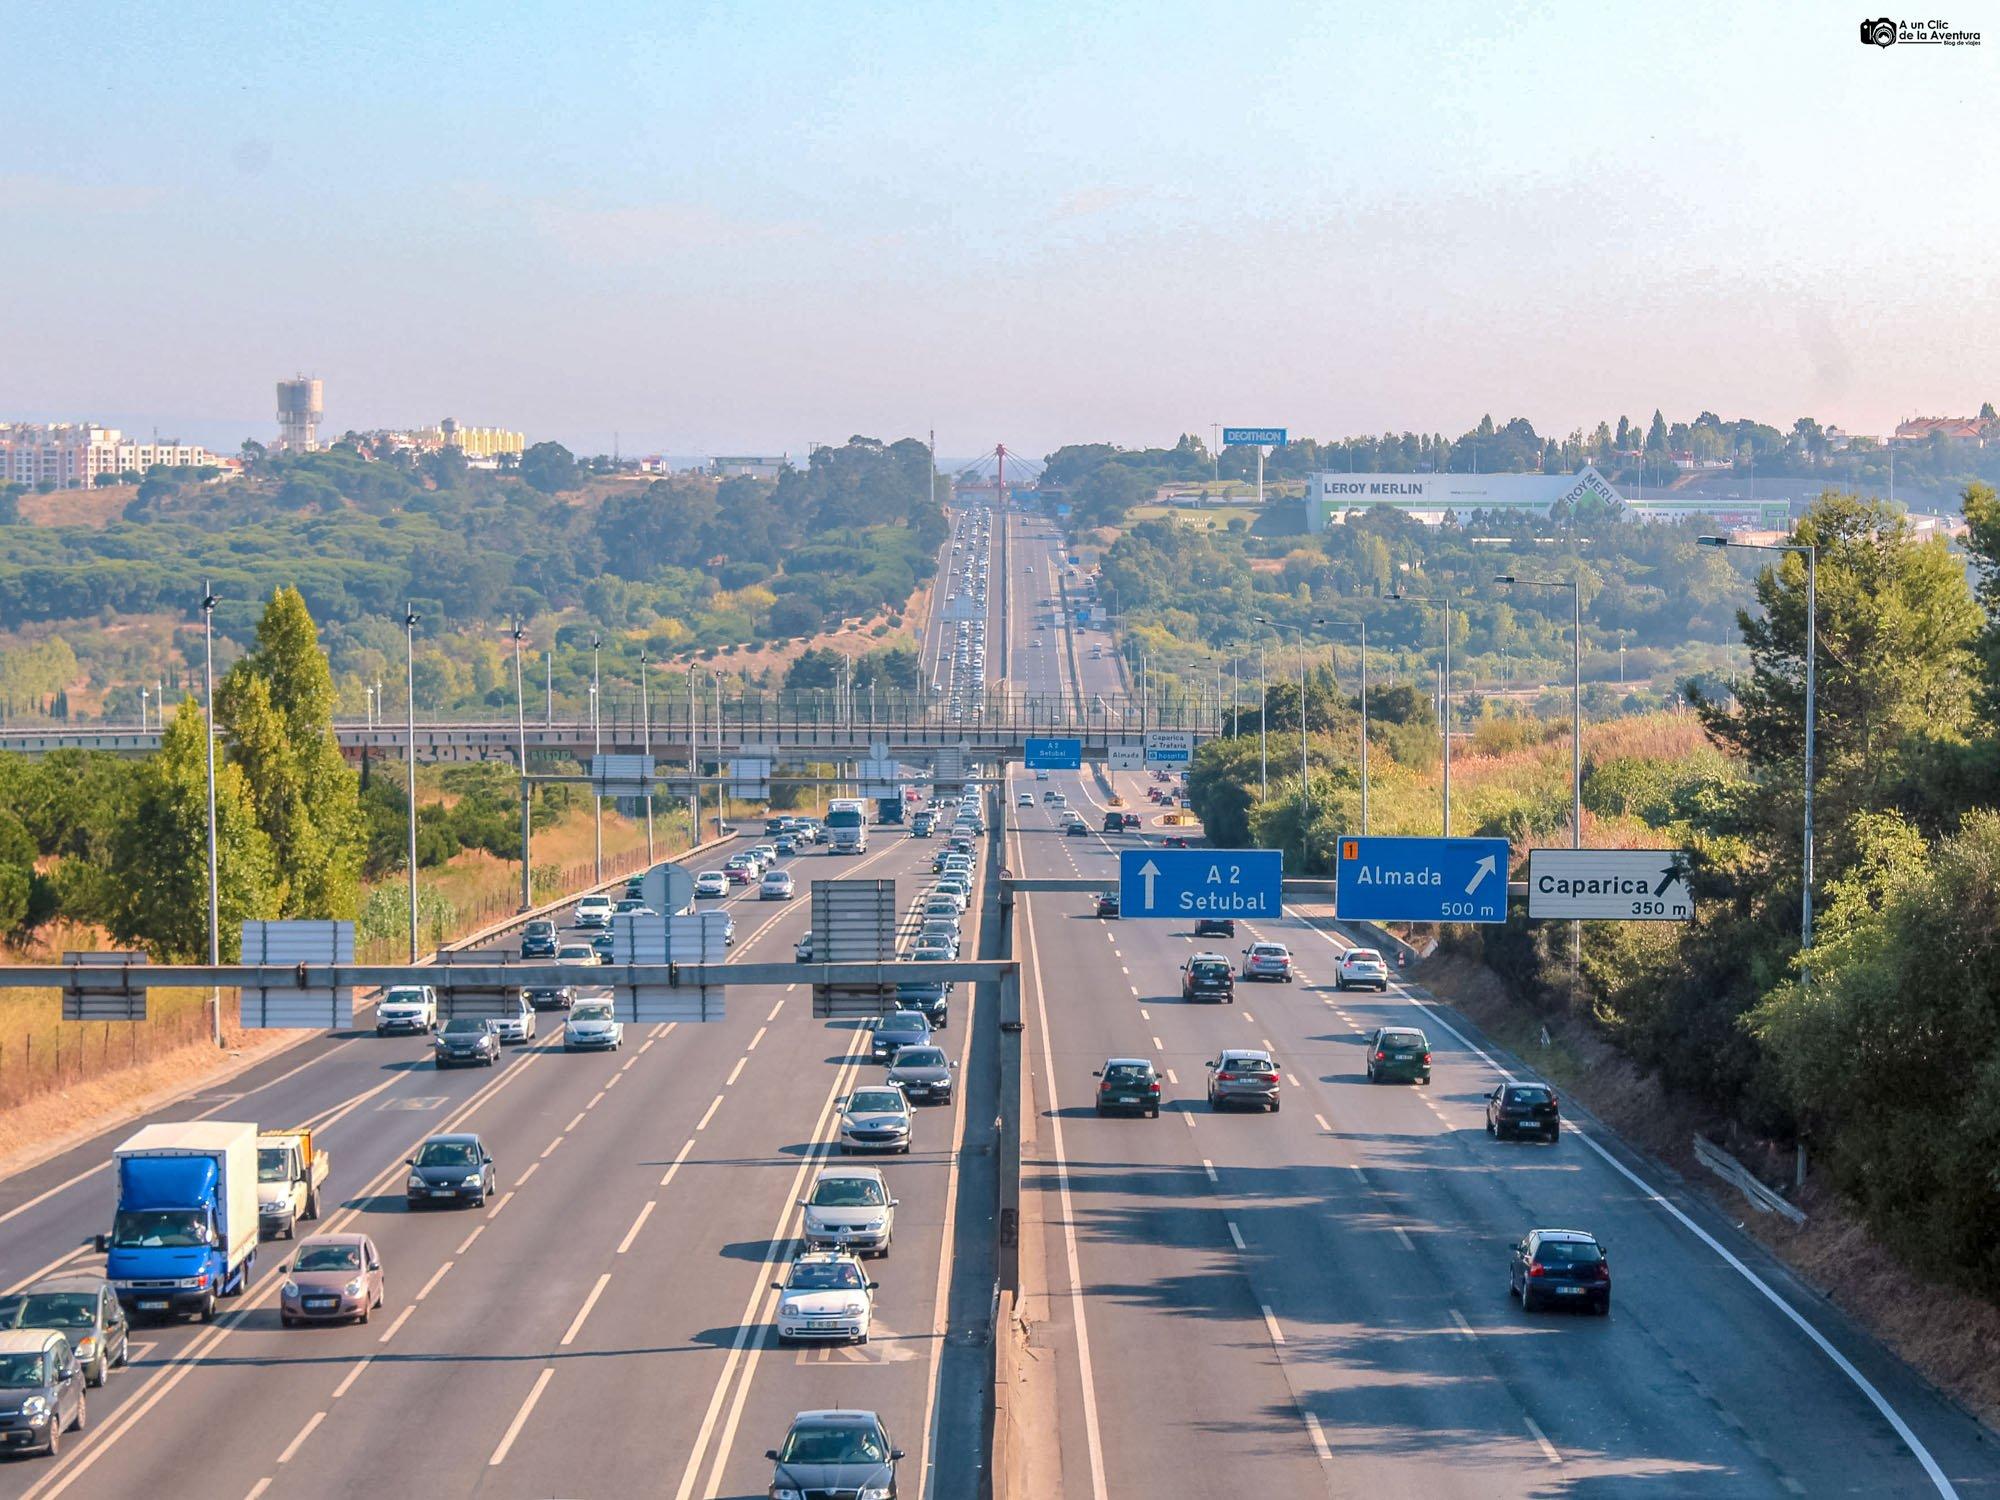 Autopista A2, Portugal